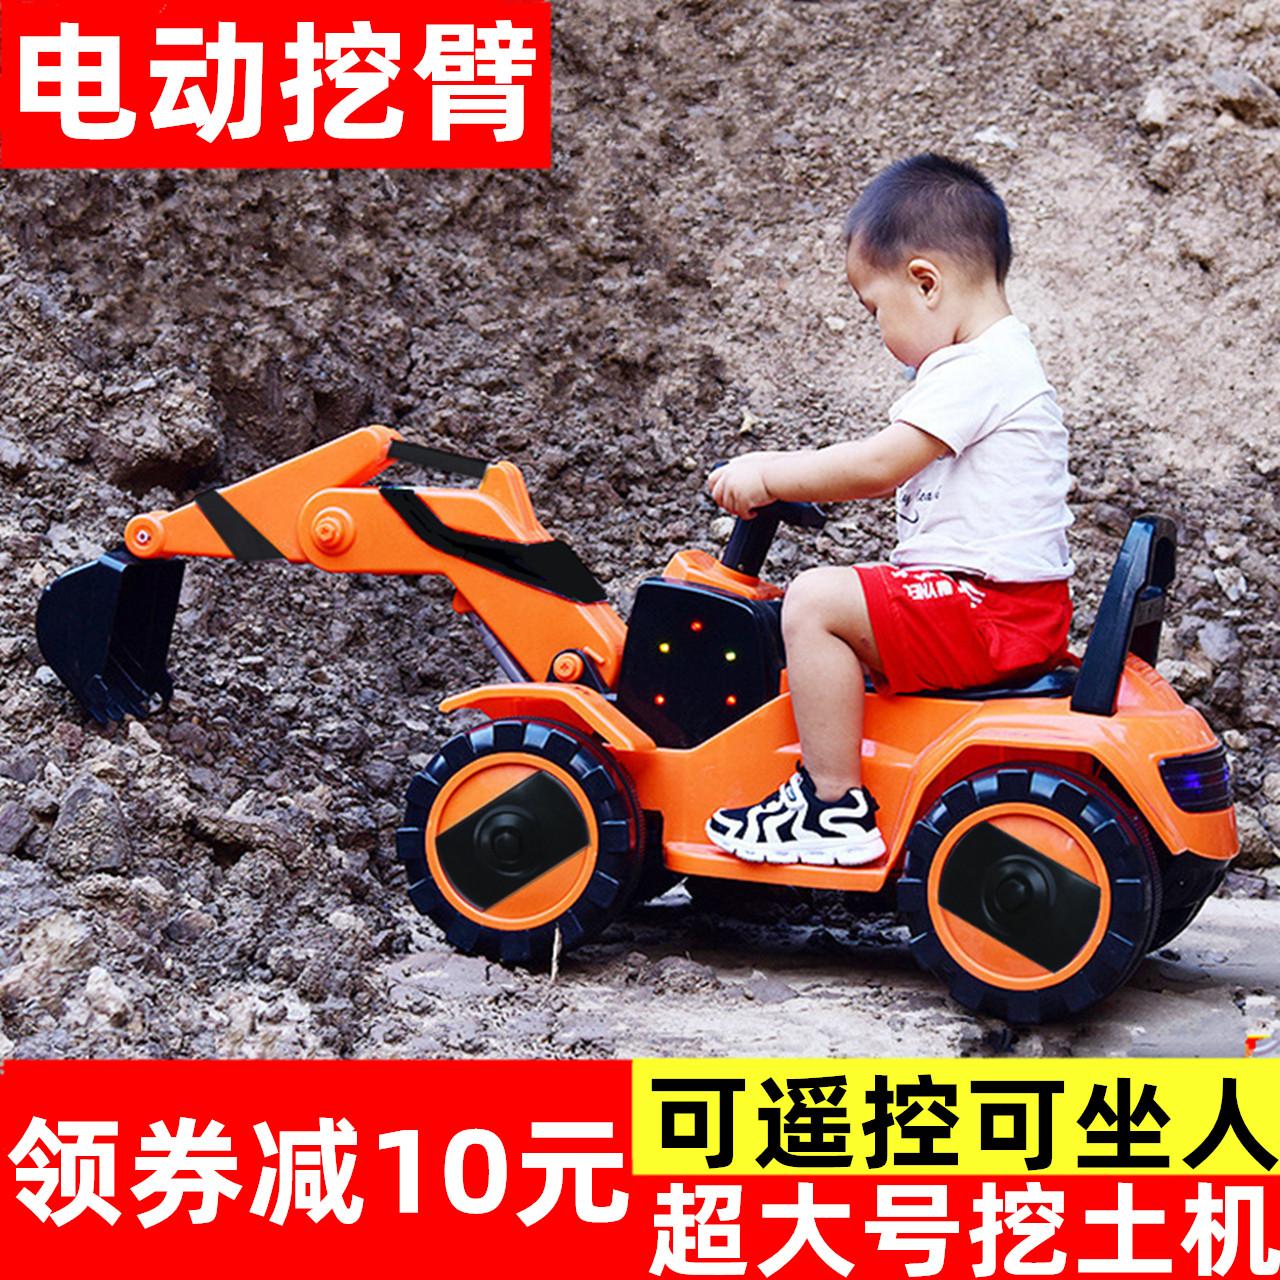 大号男孩可坐可骑挖掘机可遥控玩具车